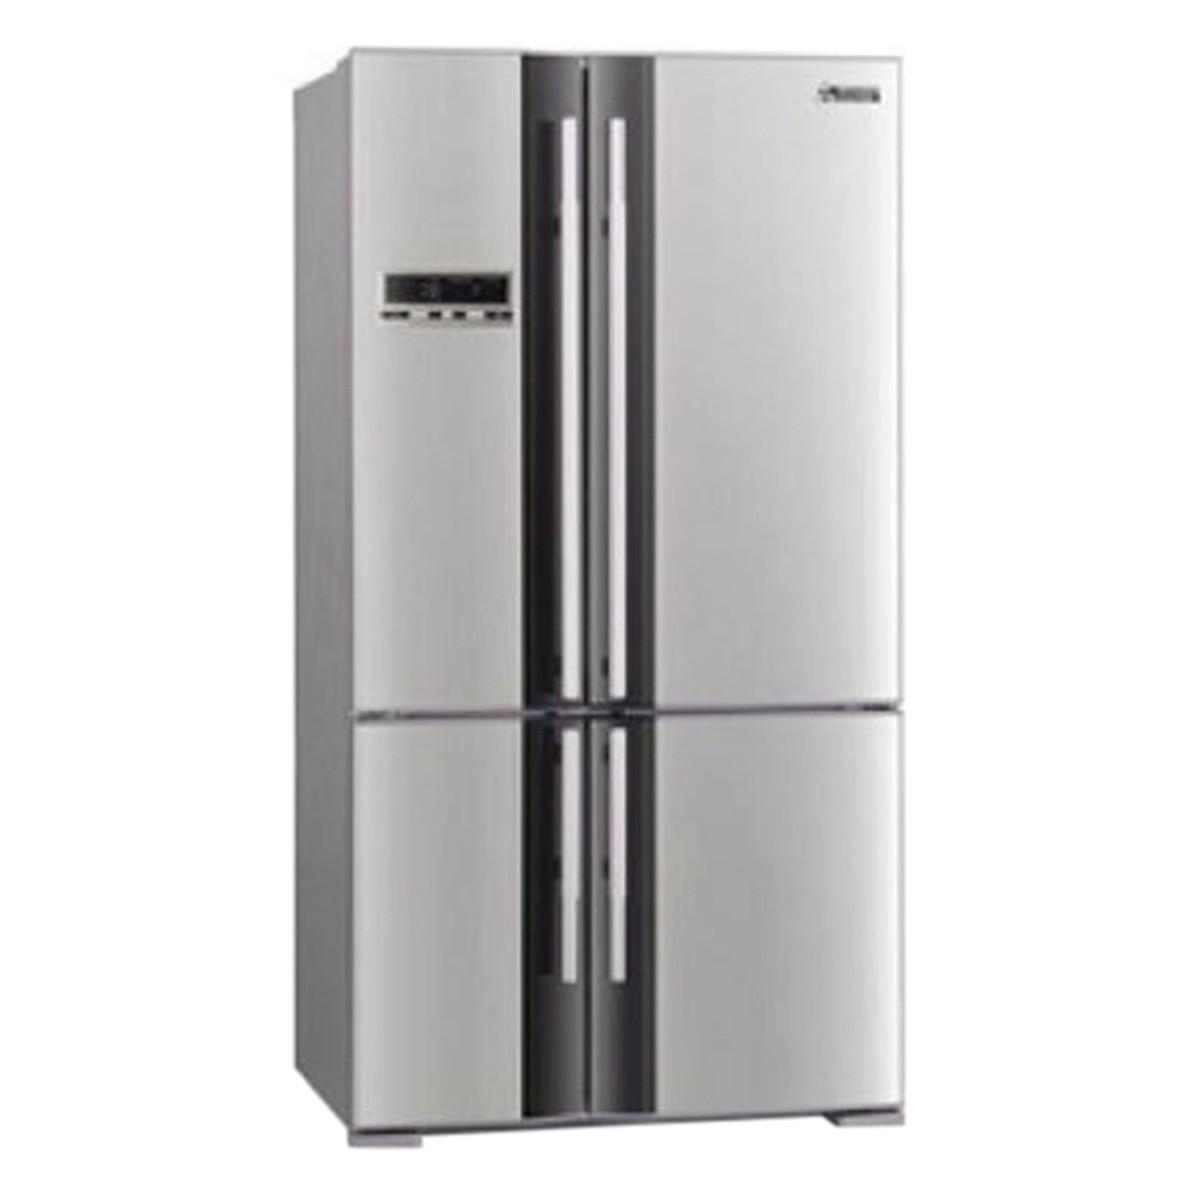 Tủ Lạnh Inverter Mitsubishi MR-L78EH-ST-V (635 lít) - Thép Không Gỉ - Hàng  chính hãng + Tặng Bình Đun Siêu Tốc - Tủ lạnh